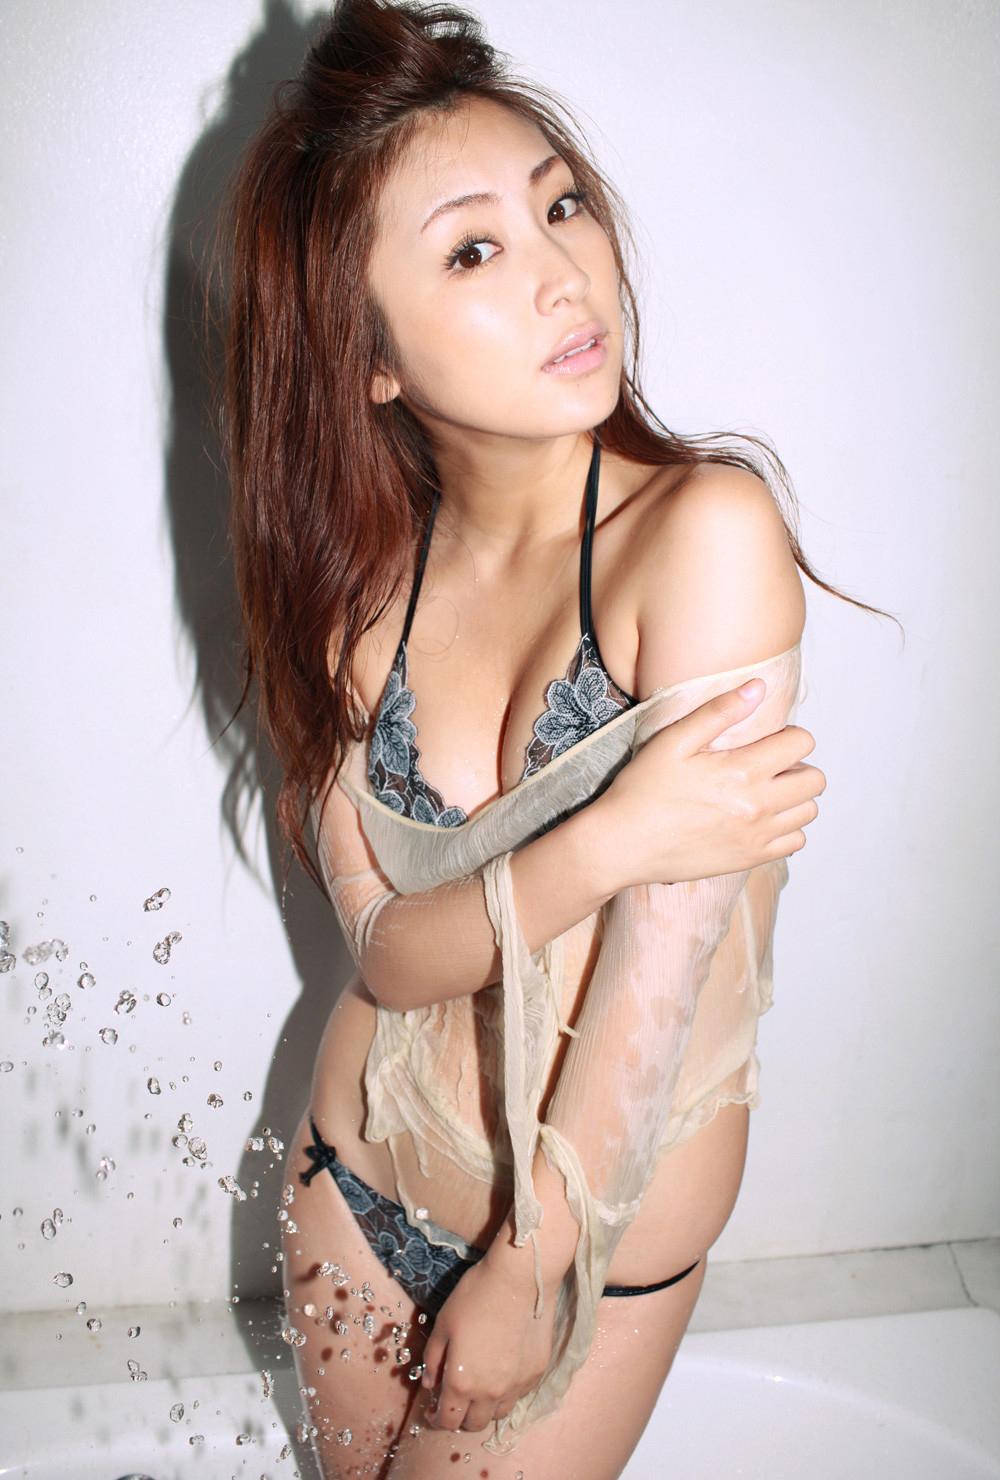 辰巳奈都子 画像 49